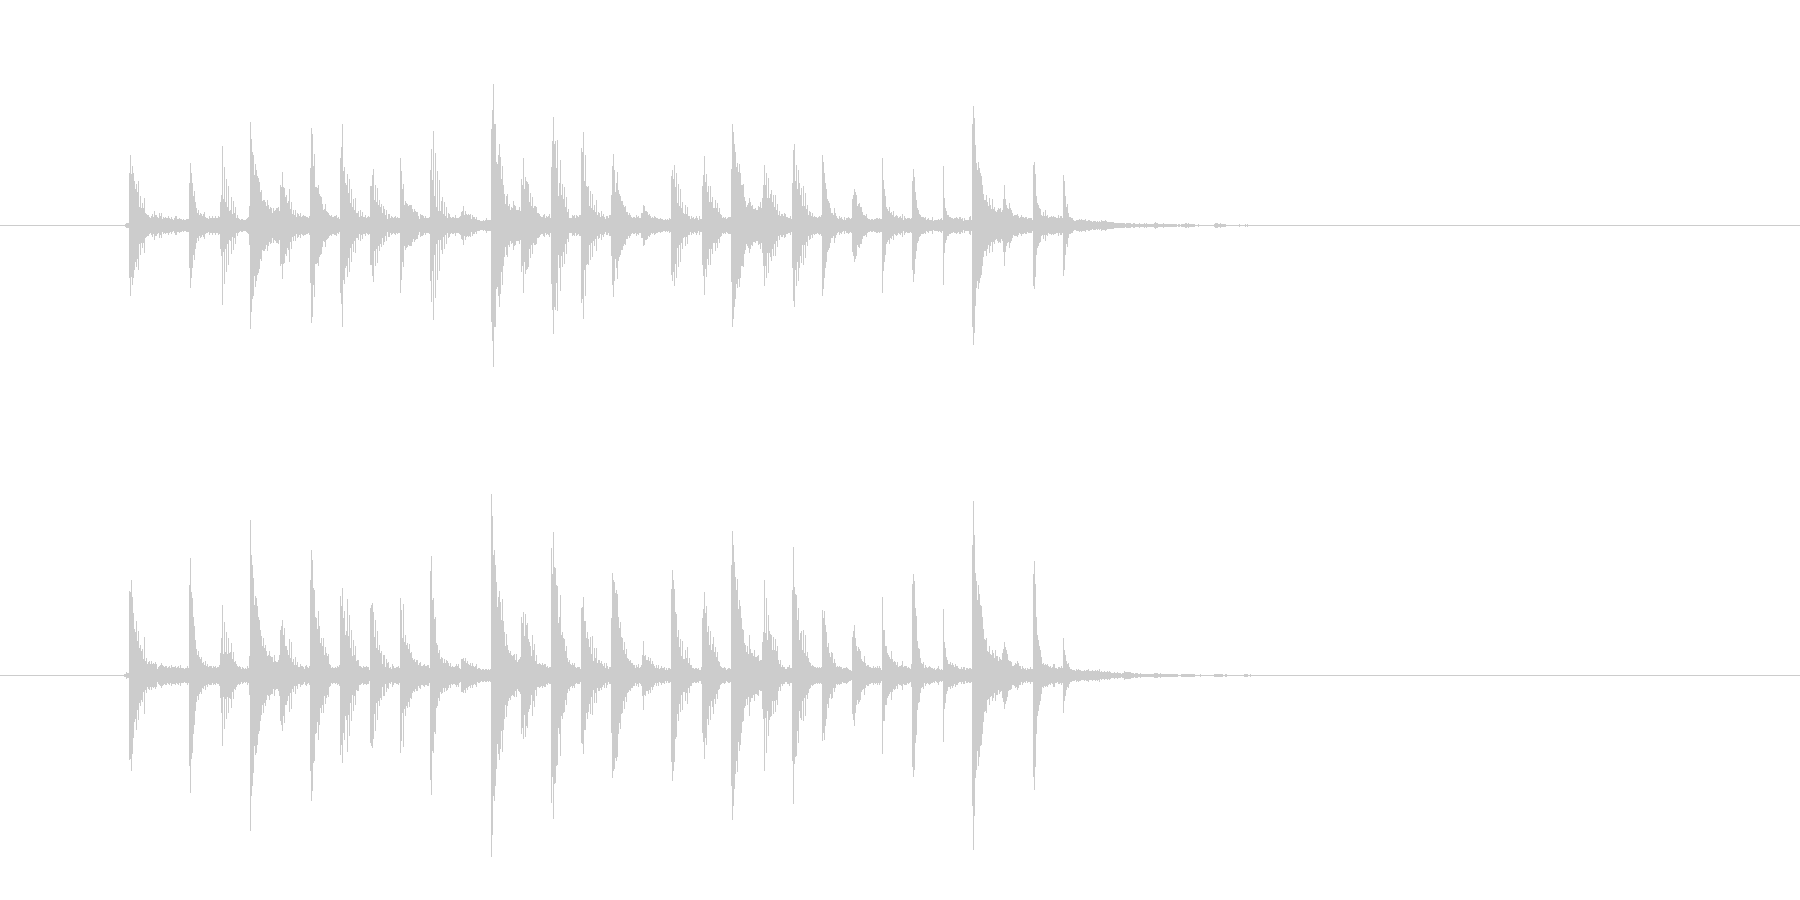 クールでかっこいいテクノのジングルの未再生の波形